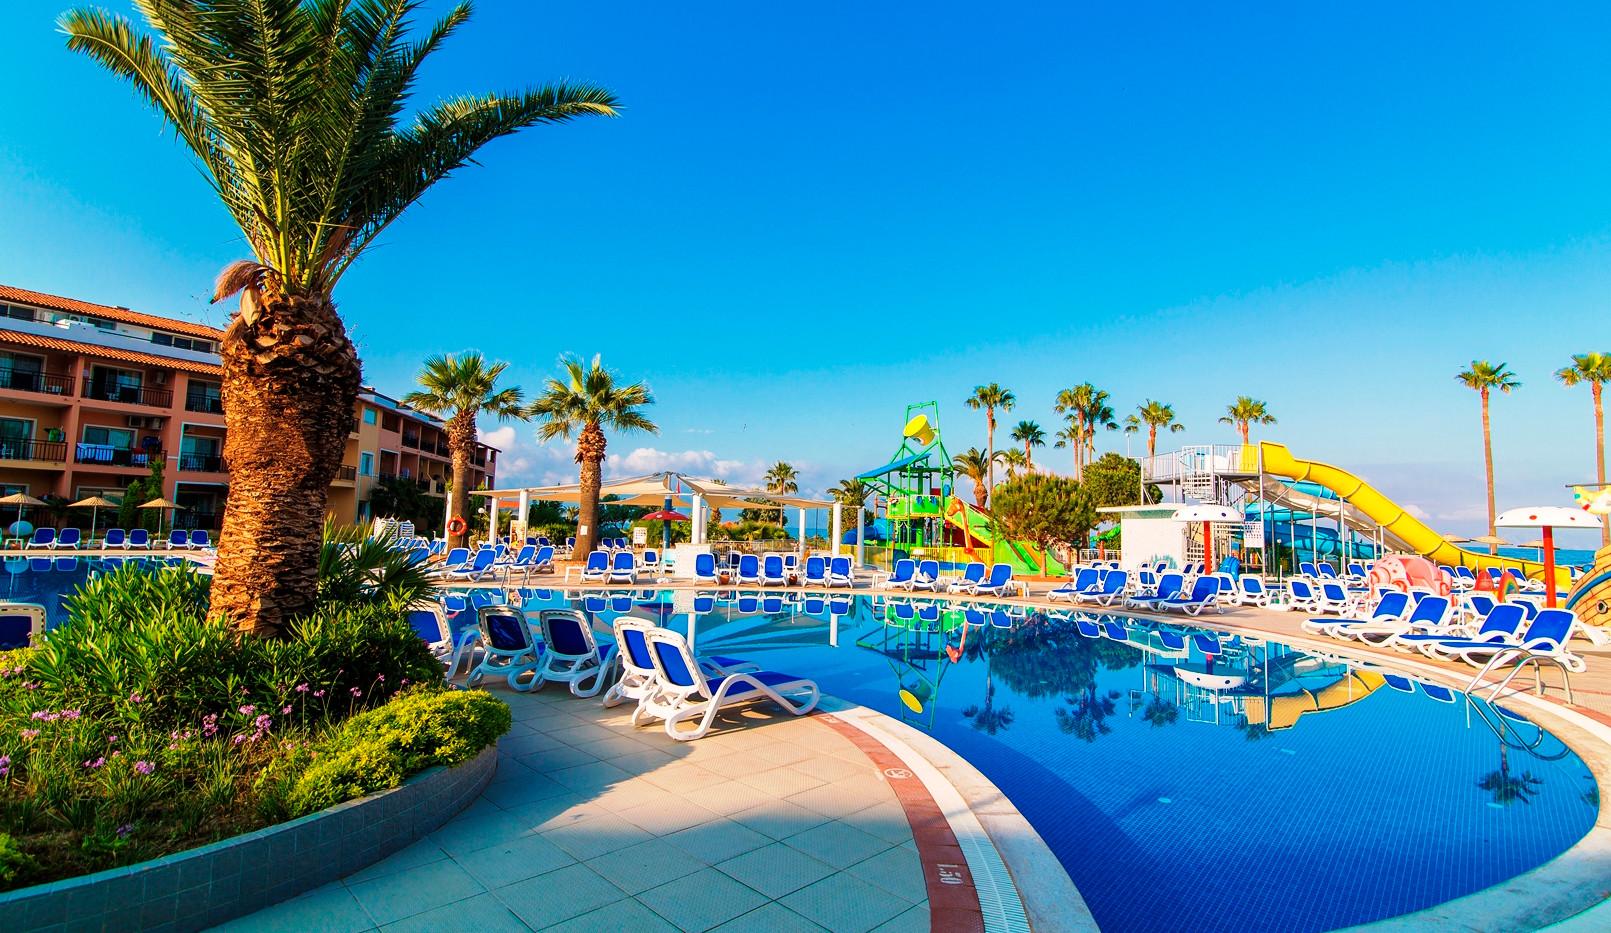 doris_Ephesia_Holiday_Beach3.jpg